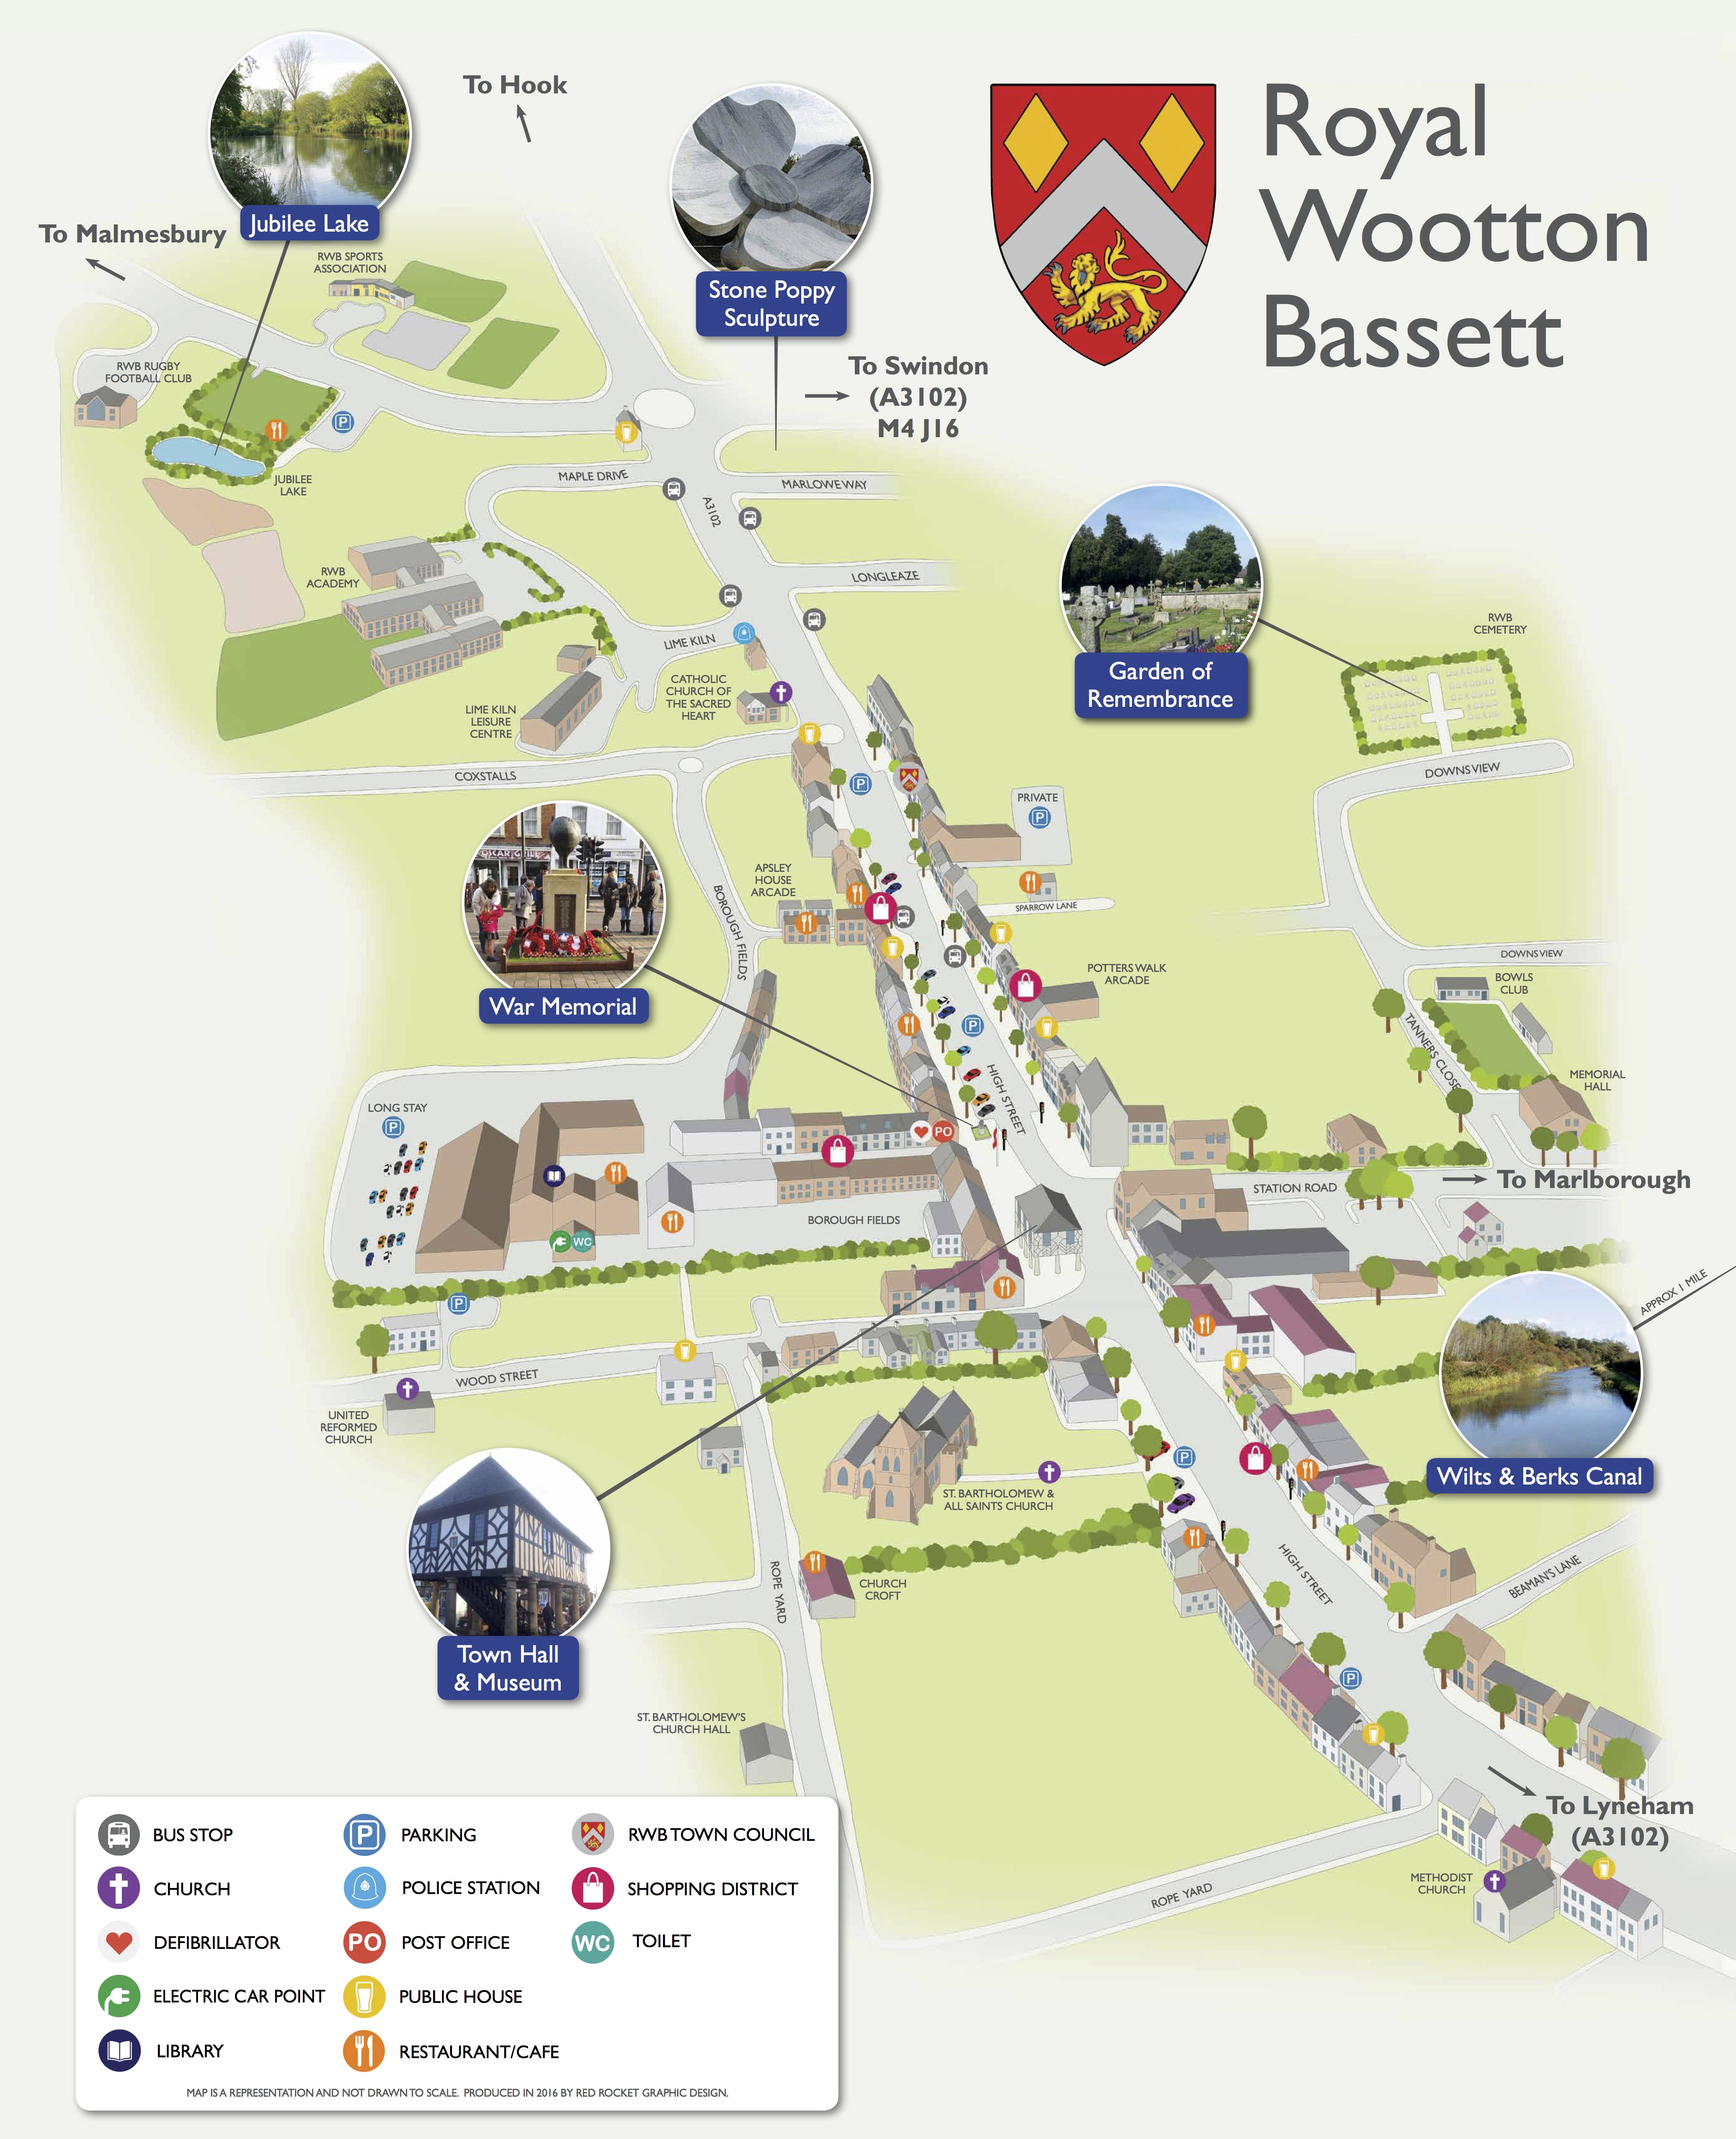 Royal Wootton Bassett Map